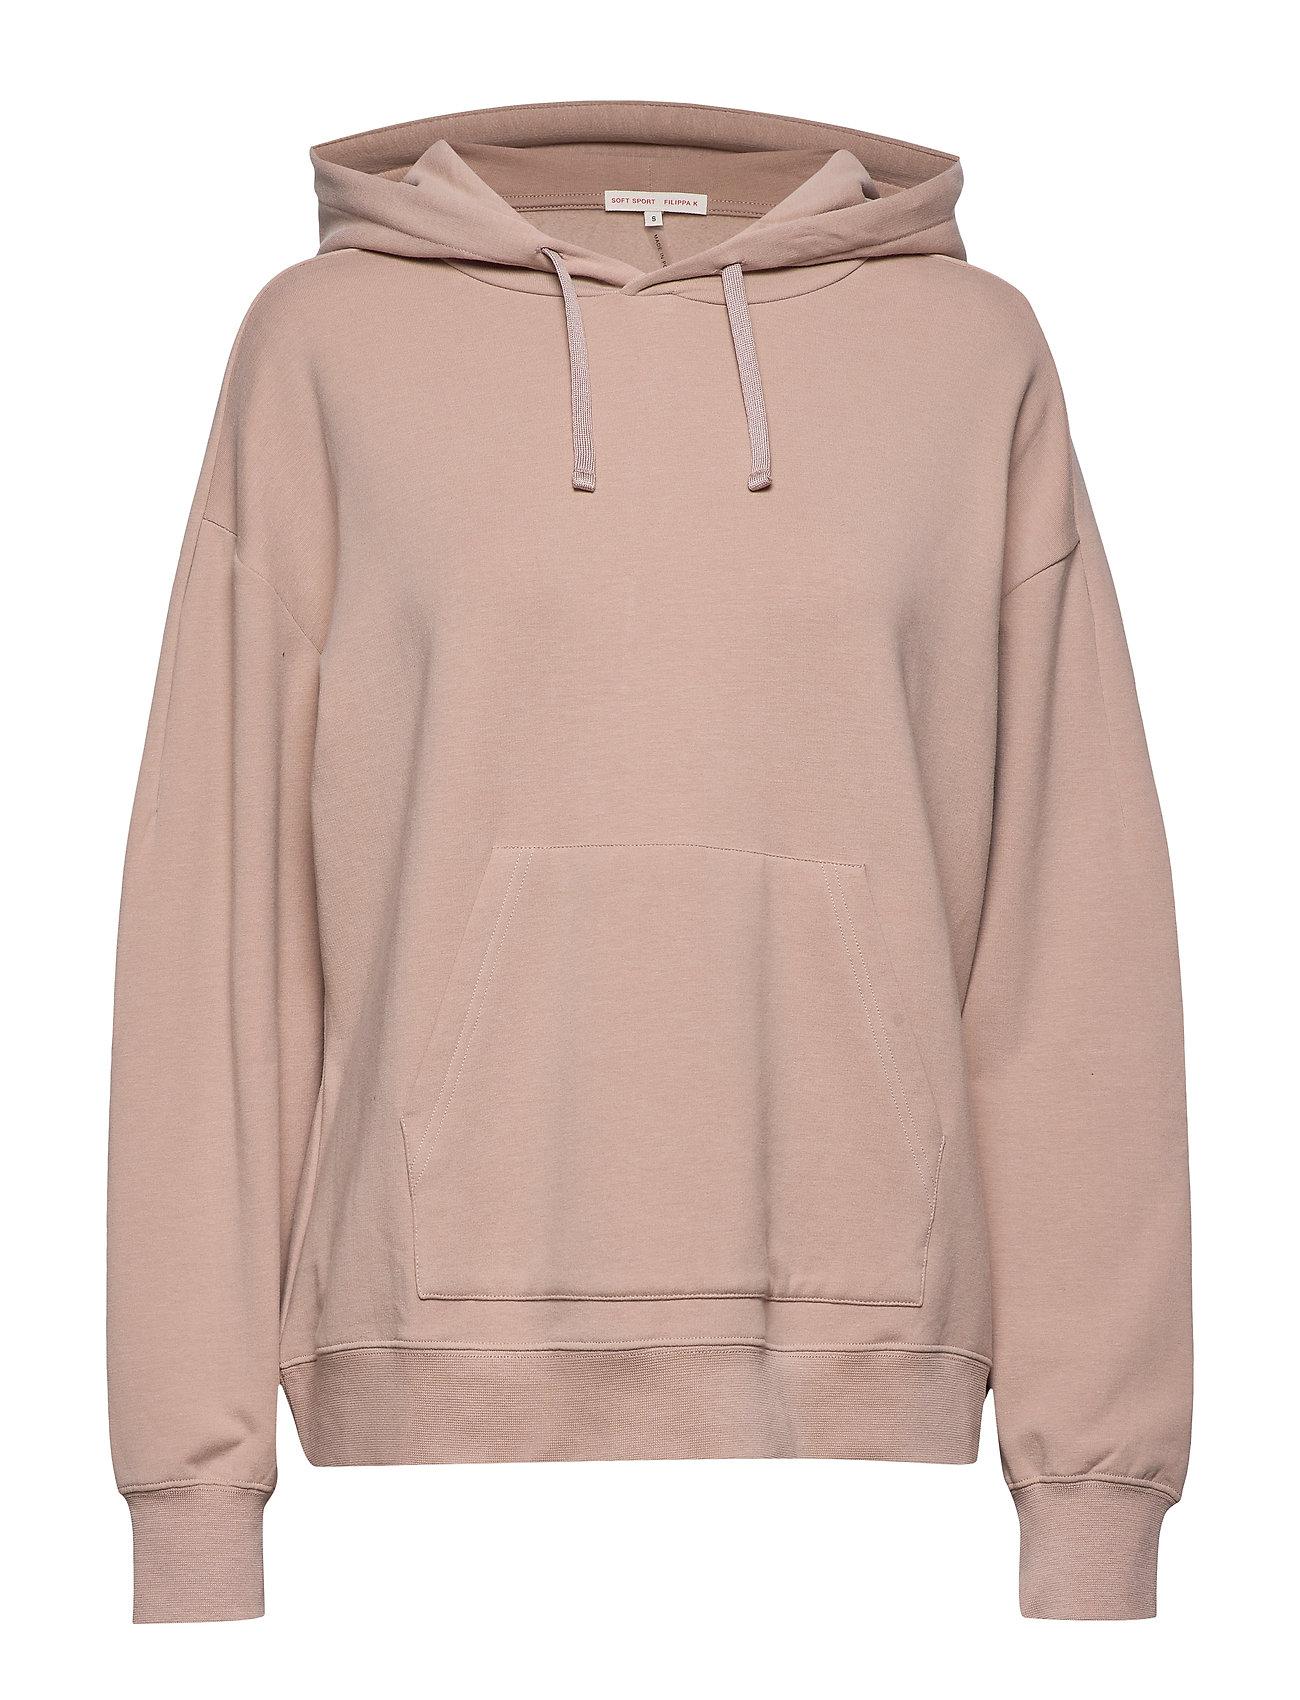 Filippa K Soft Sport Hooded Sweatshirt - DUSTY ROSE